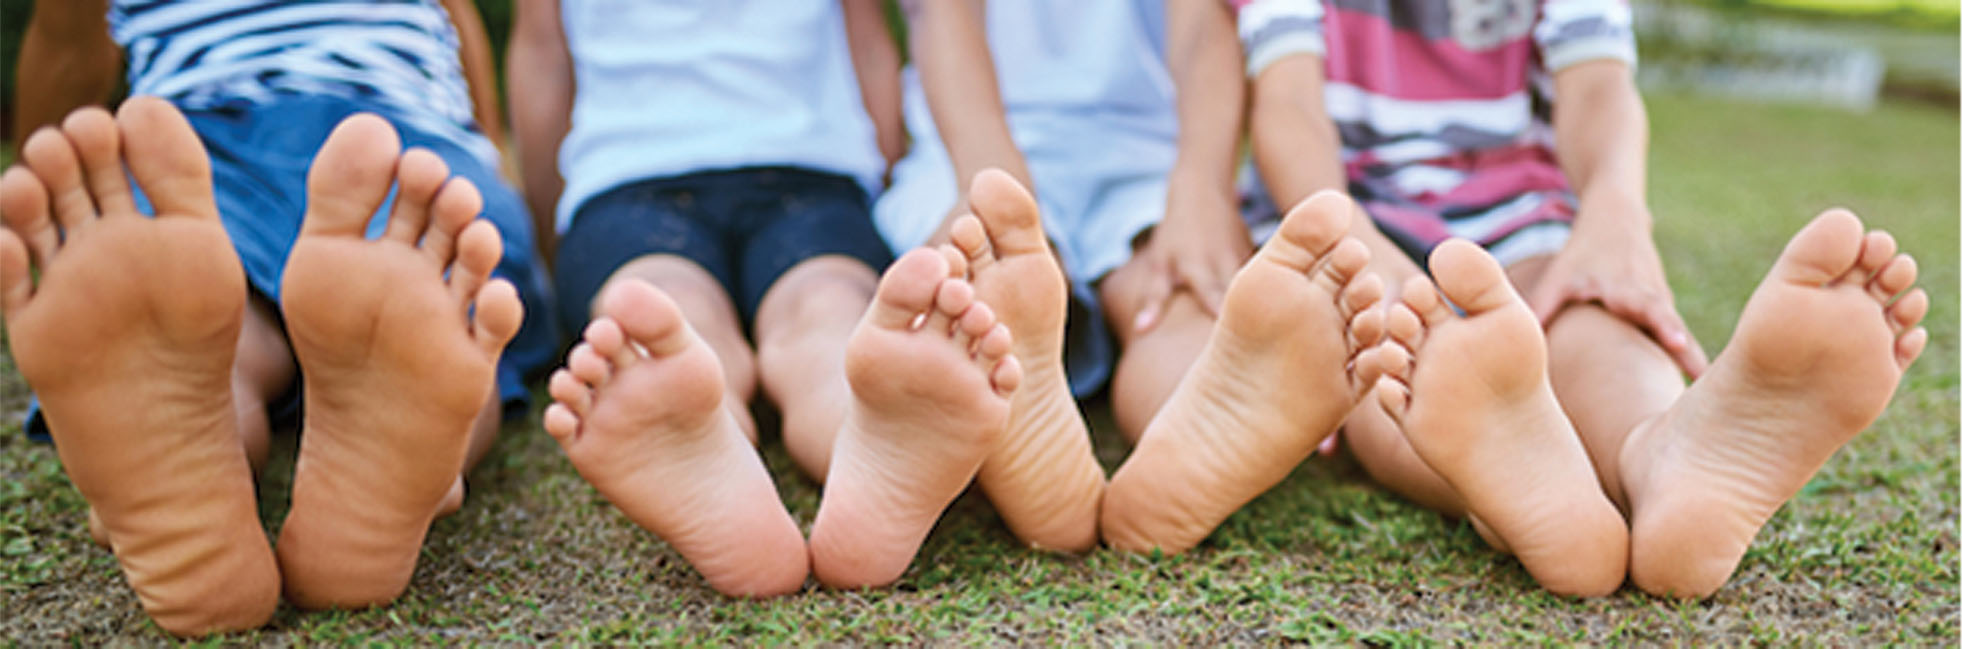 Going barefoot? Beware!